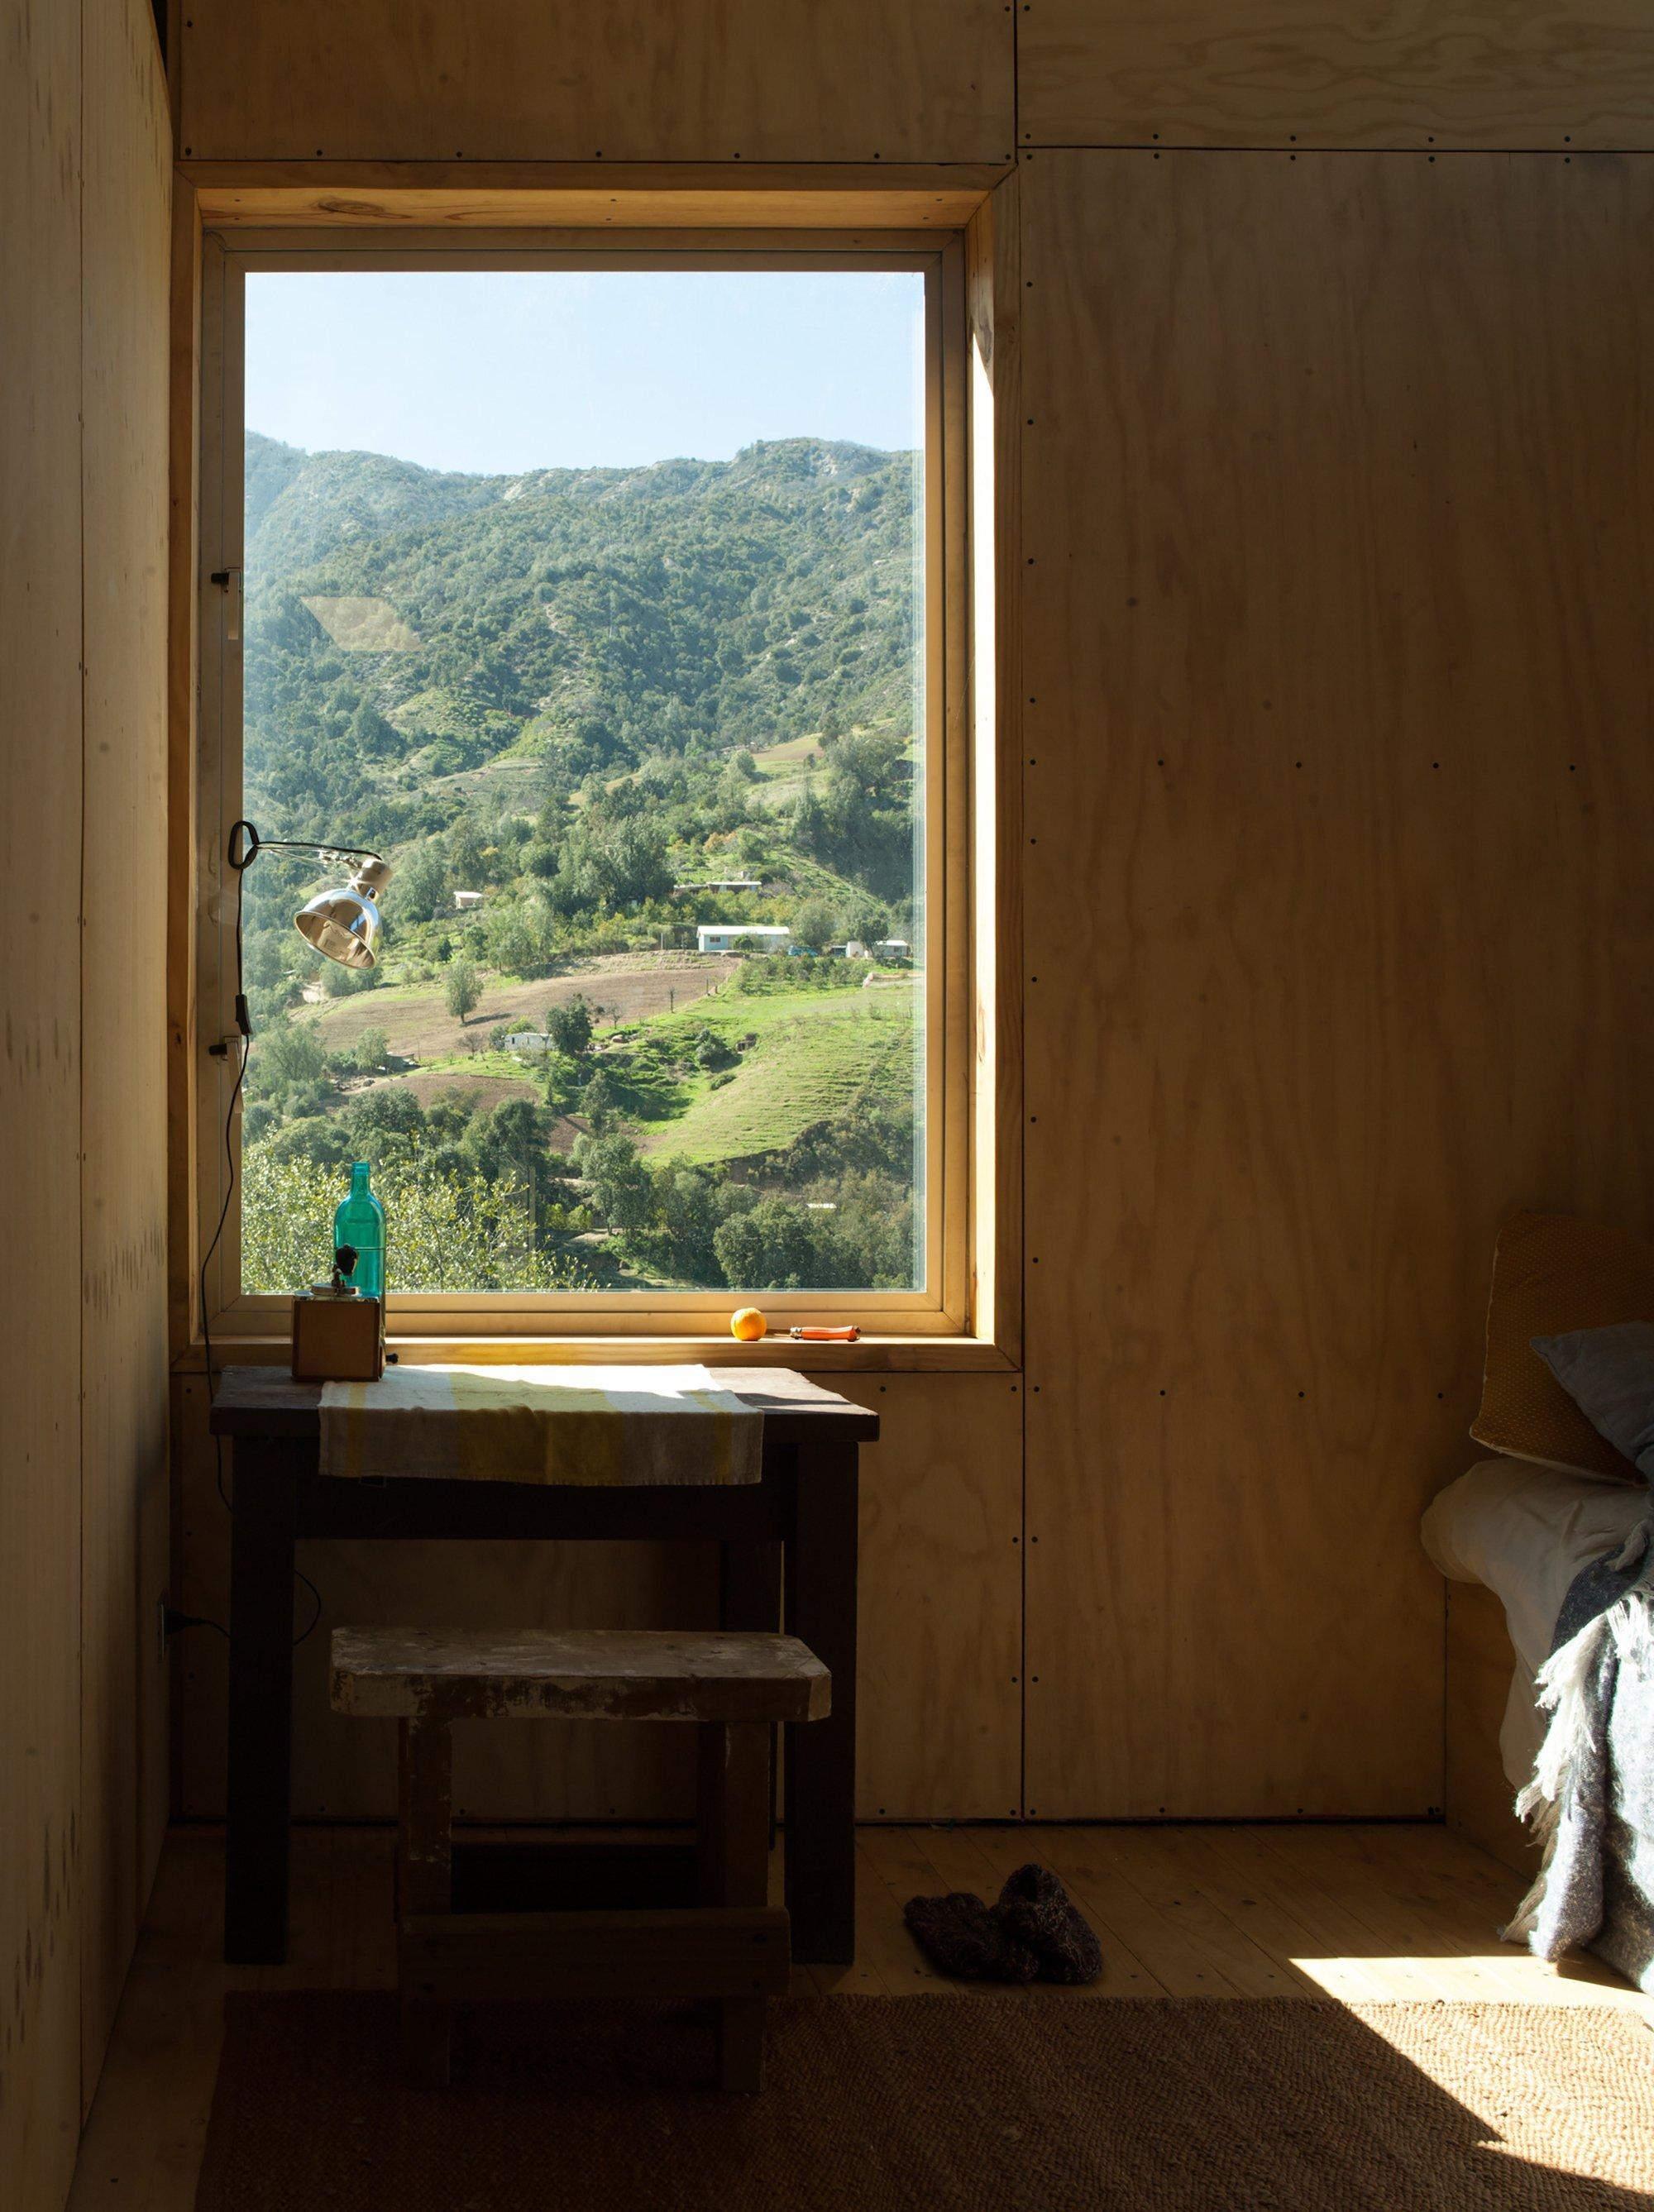 Charred Cabin - Nicolas del Rio - Chile - Window View - Humble Homes